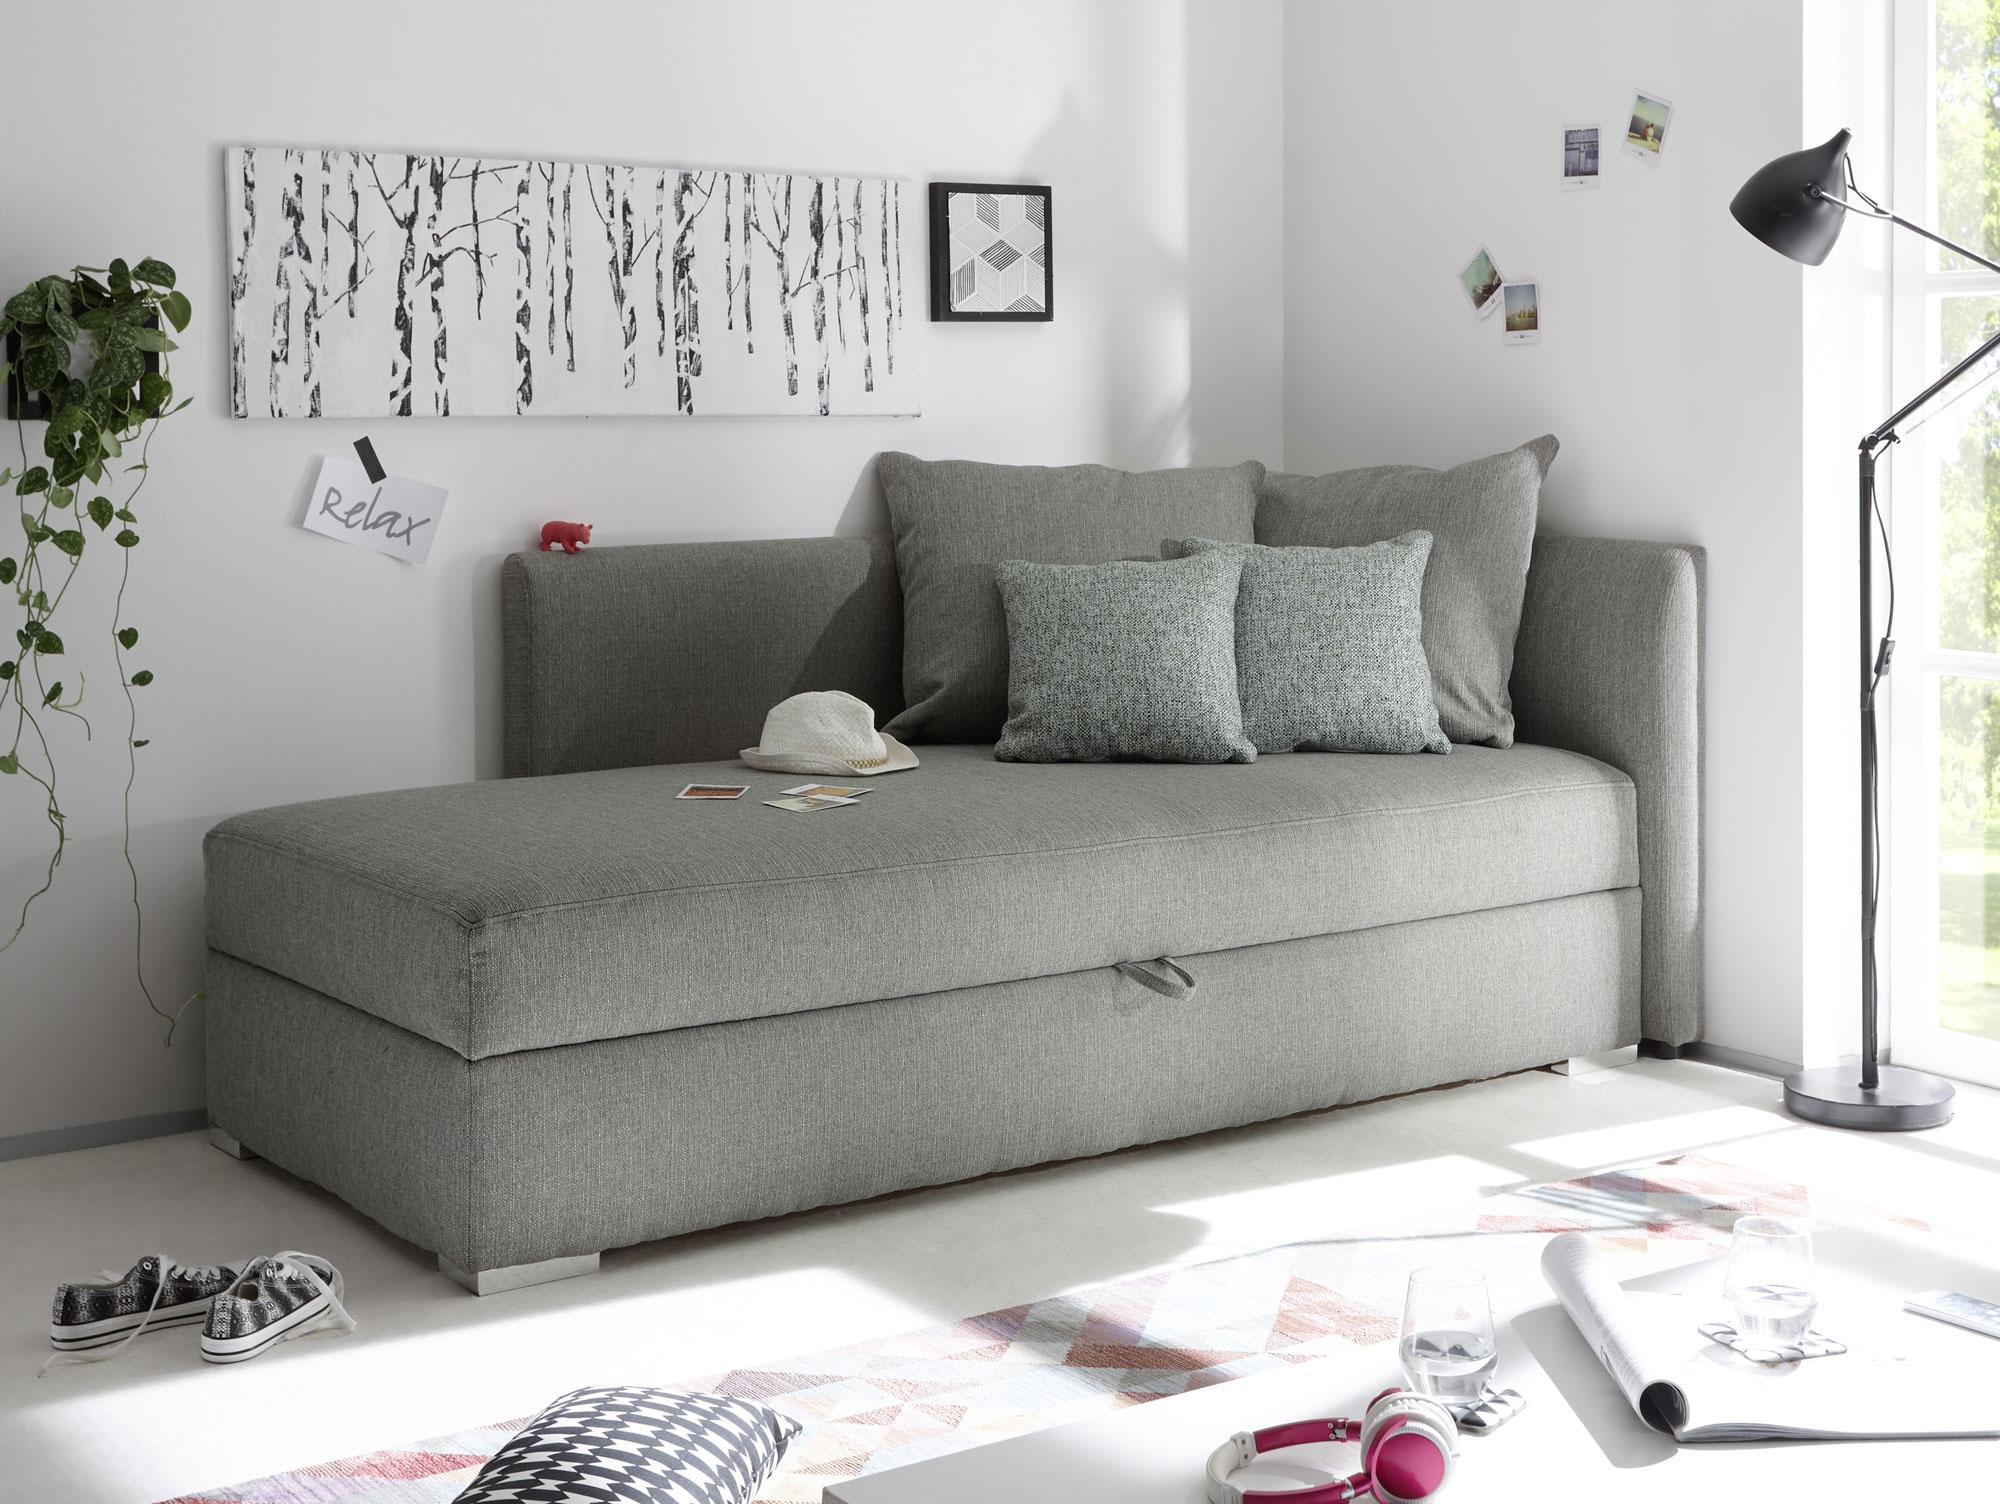 marina sofaliege schlafsofa mit bettkasten silver. Black Bedroom Furniture Sets. Home Design Ideas